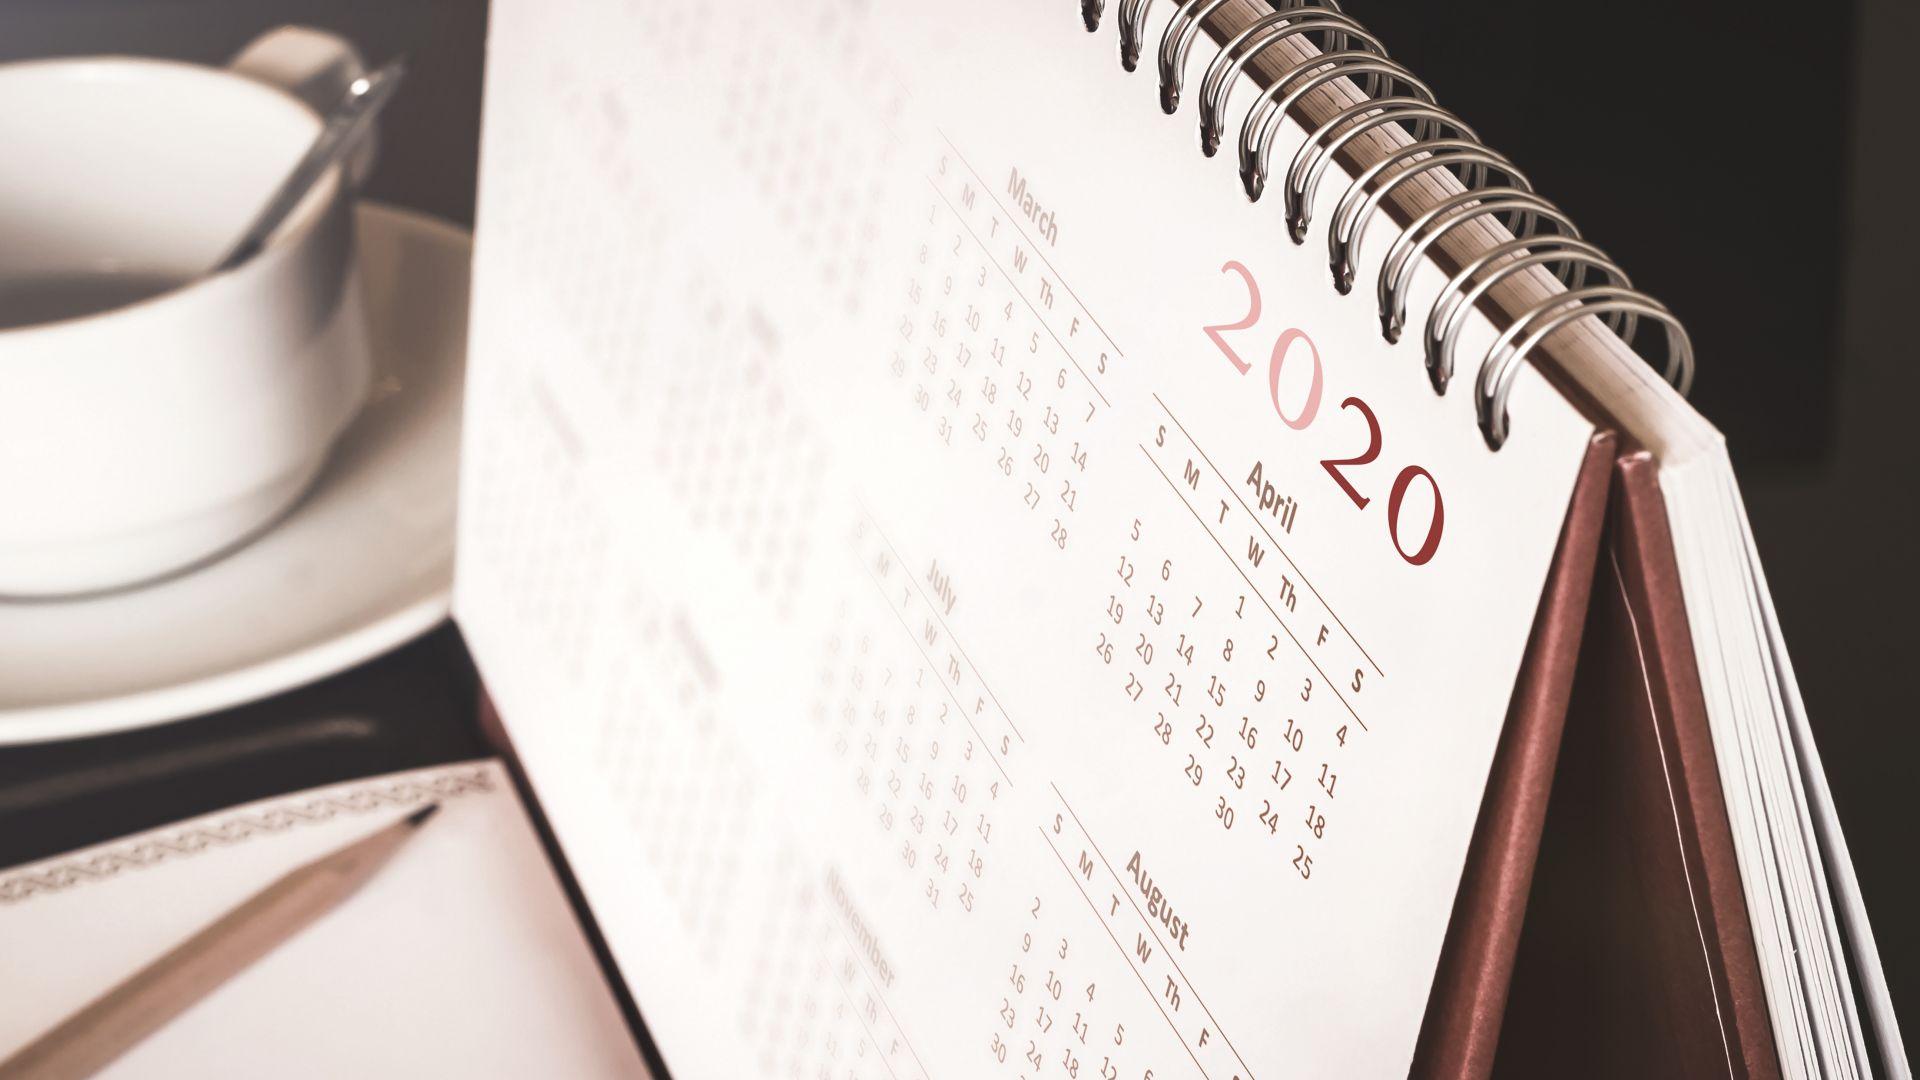 Юли 2020 ще бъде най-натовареният месец с 23 работни дни.